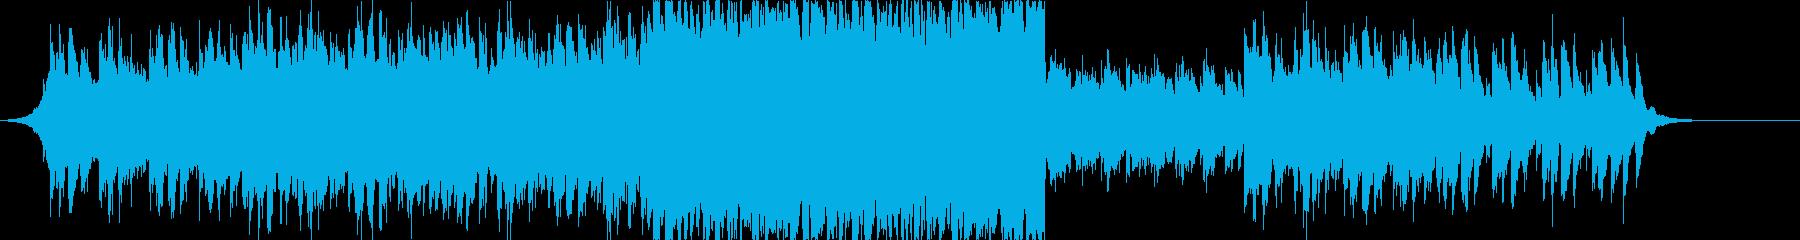 切ない 夏 トロピカルなポップスの再生済みの波形